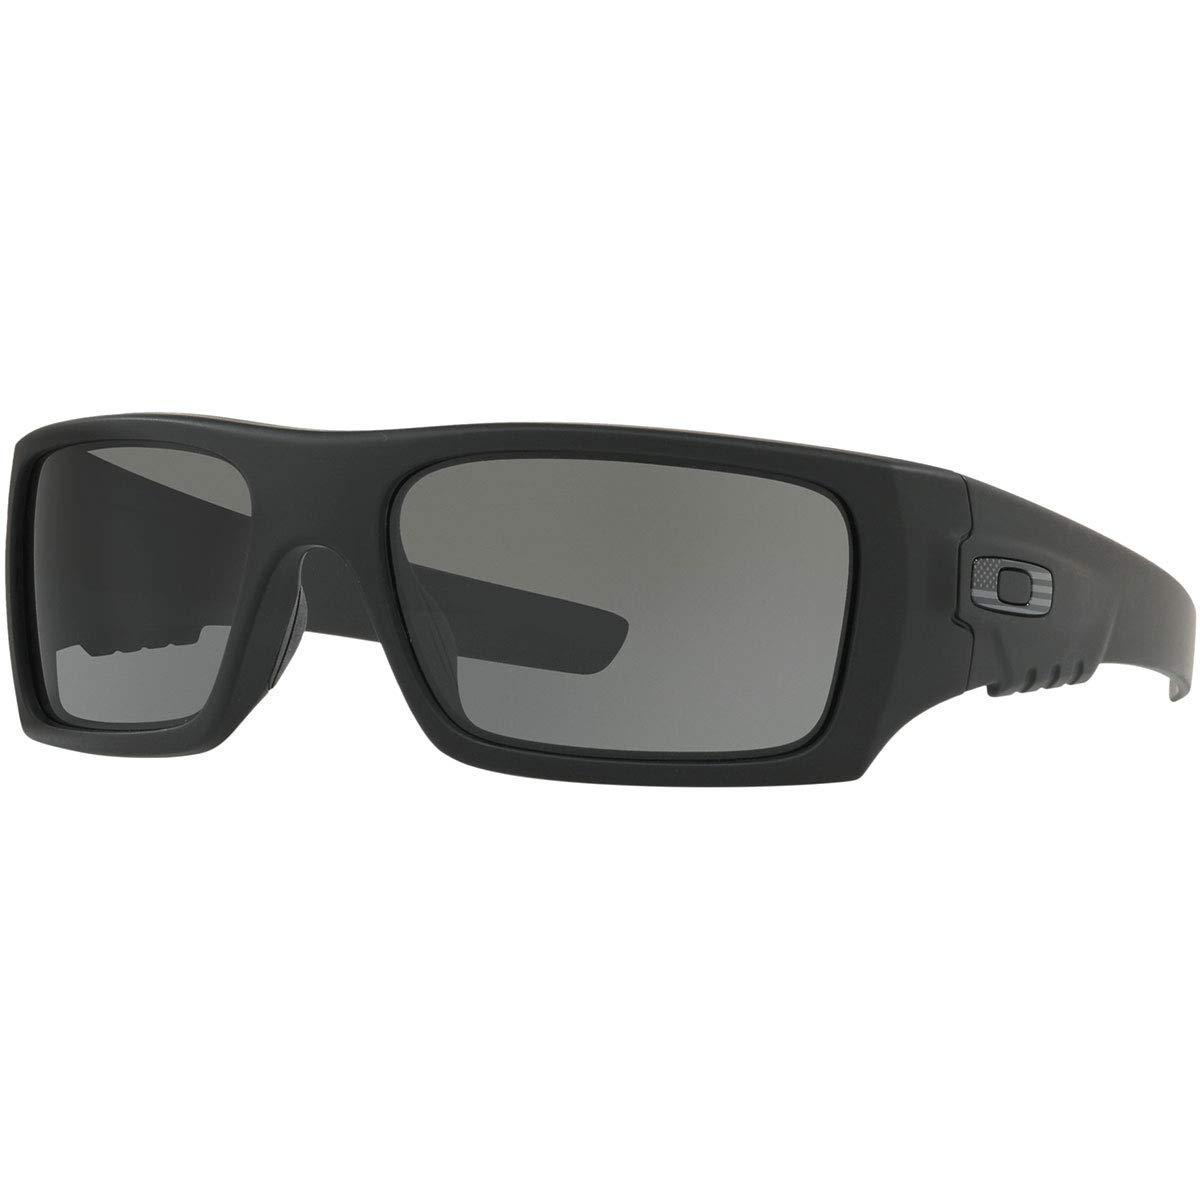 Oakley Men's OO9253 Det Cord Rectangular Sunglasses, Matte Black/Grey, 61 mm by Oakley